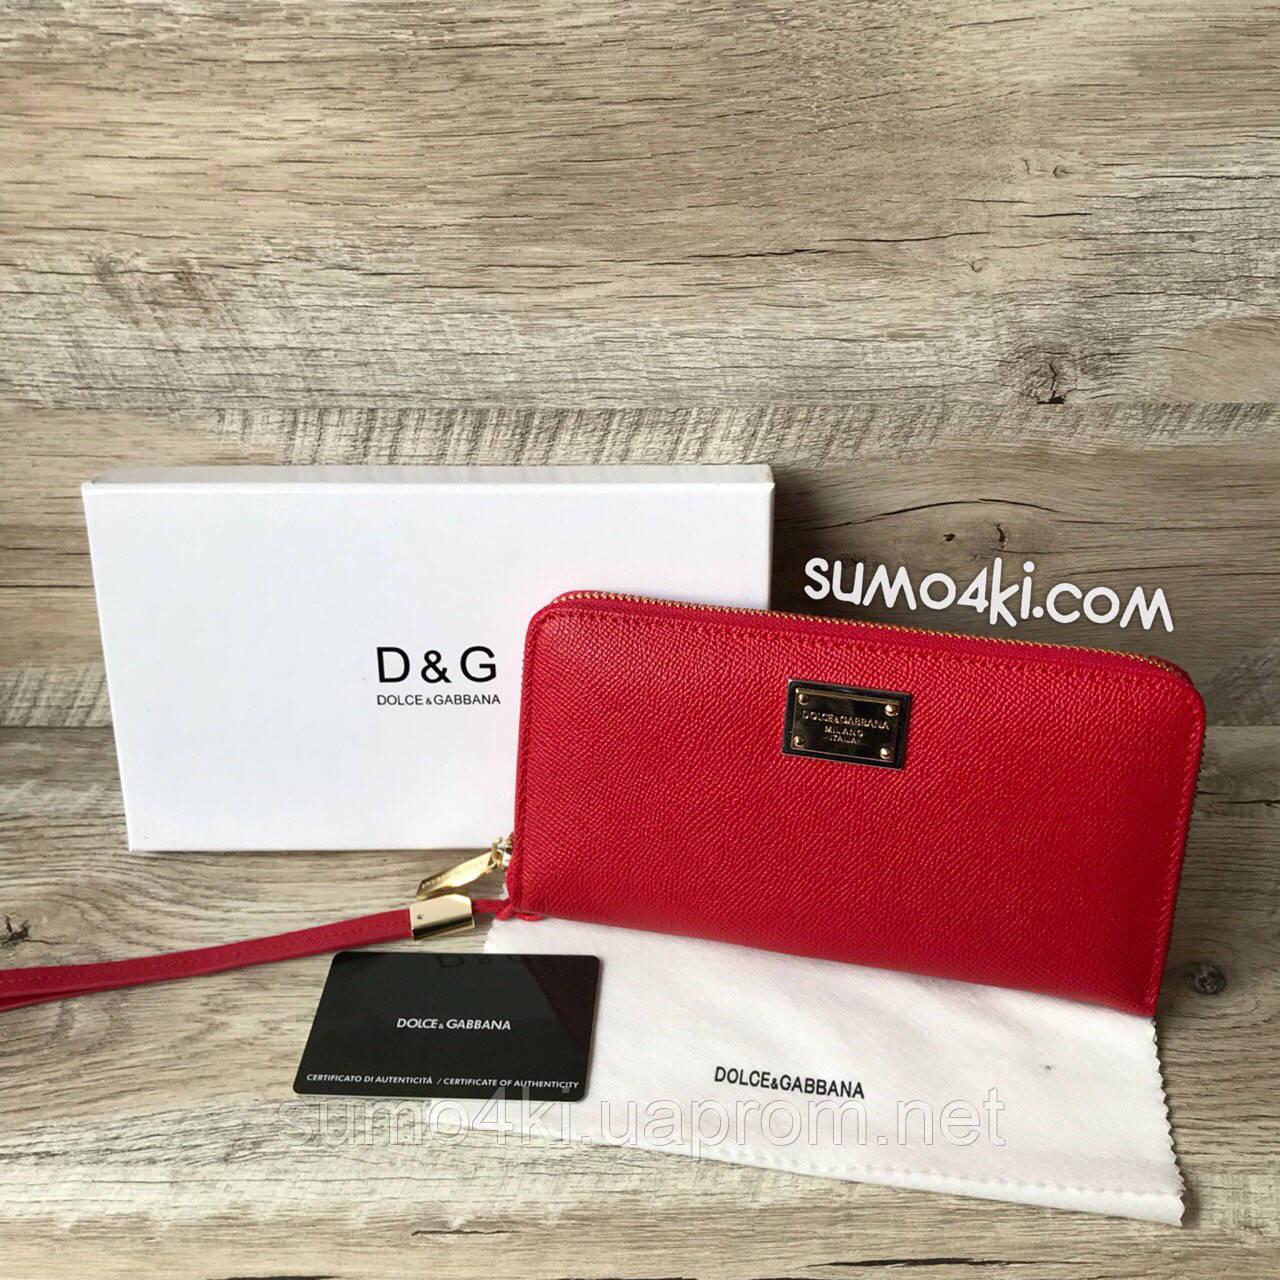 Стильный женский кошелек Dolce & Gabbana, фото 1